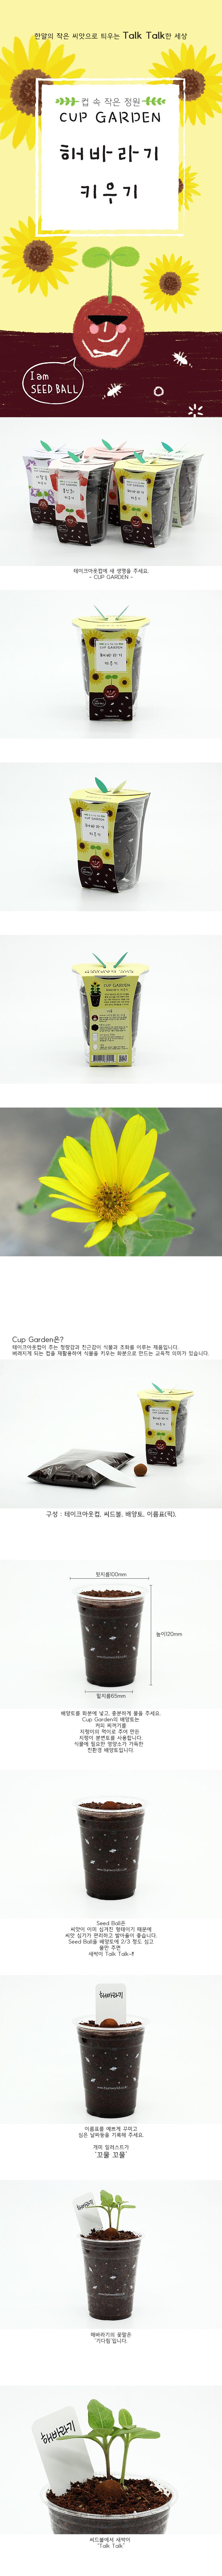 컵가든_미니해바라기 - 틔움세상, 3,000원, 새싹/모종키우기, 새싹 키우기